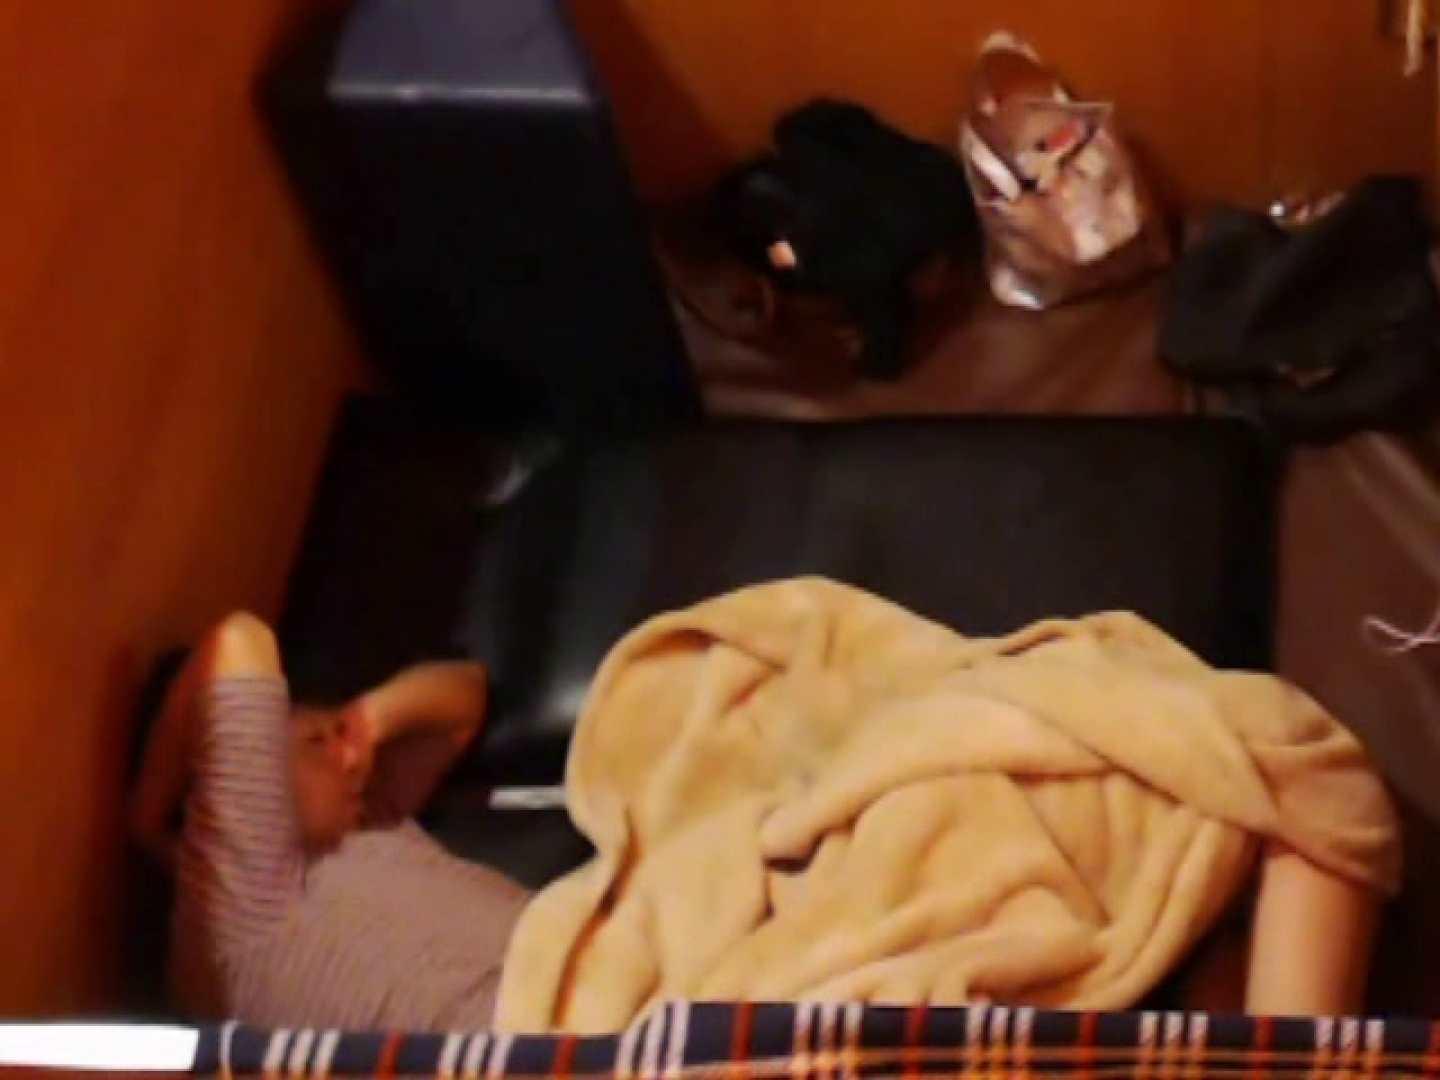 ネットカフェ盗撮師トロントさんの 素人カップル盗撮記vol.8 カップル映像 オマンコ動画キャプチャ 79PIX 58